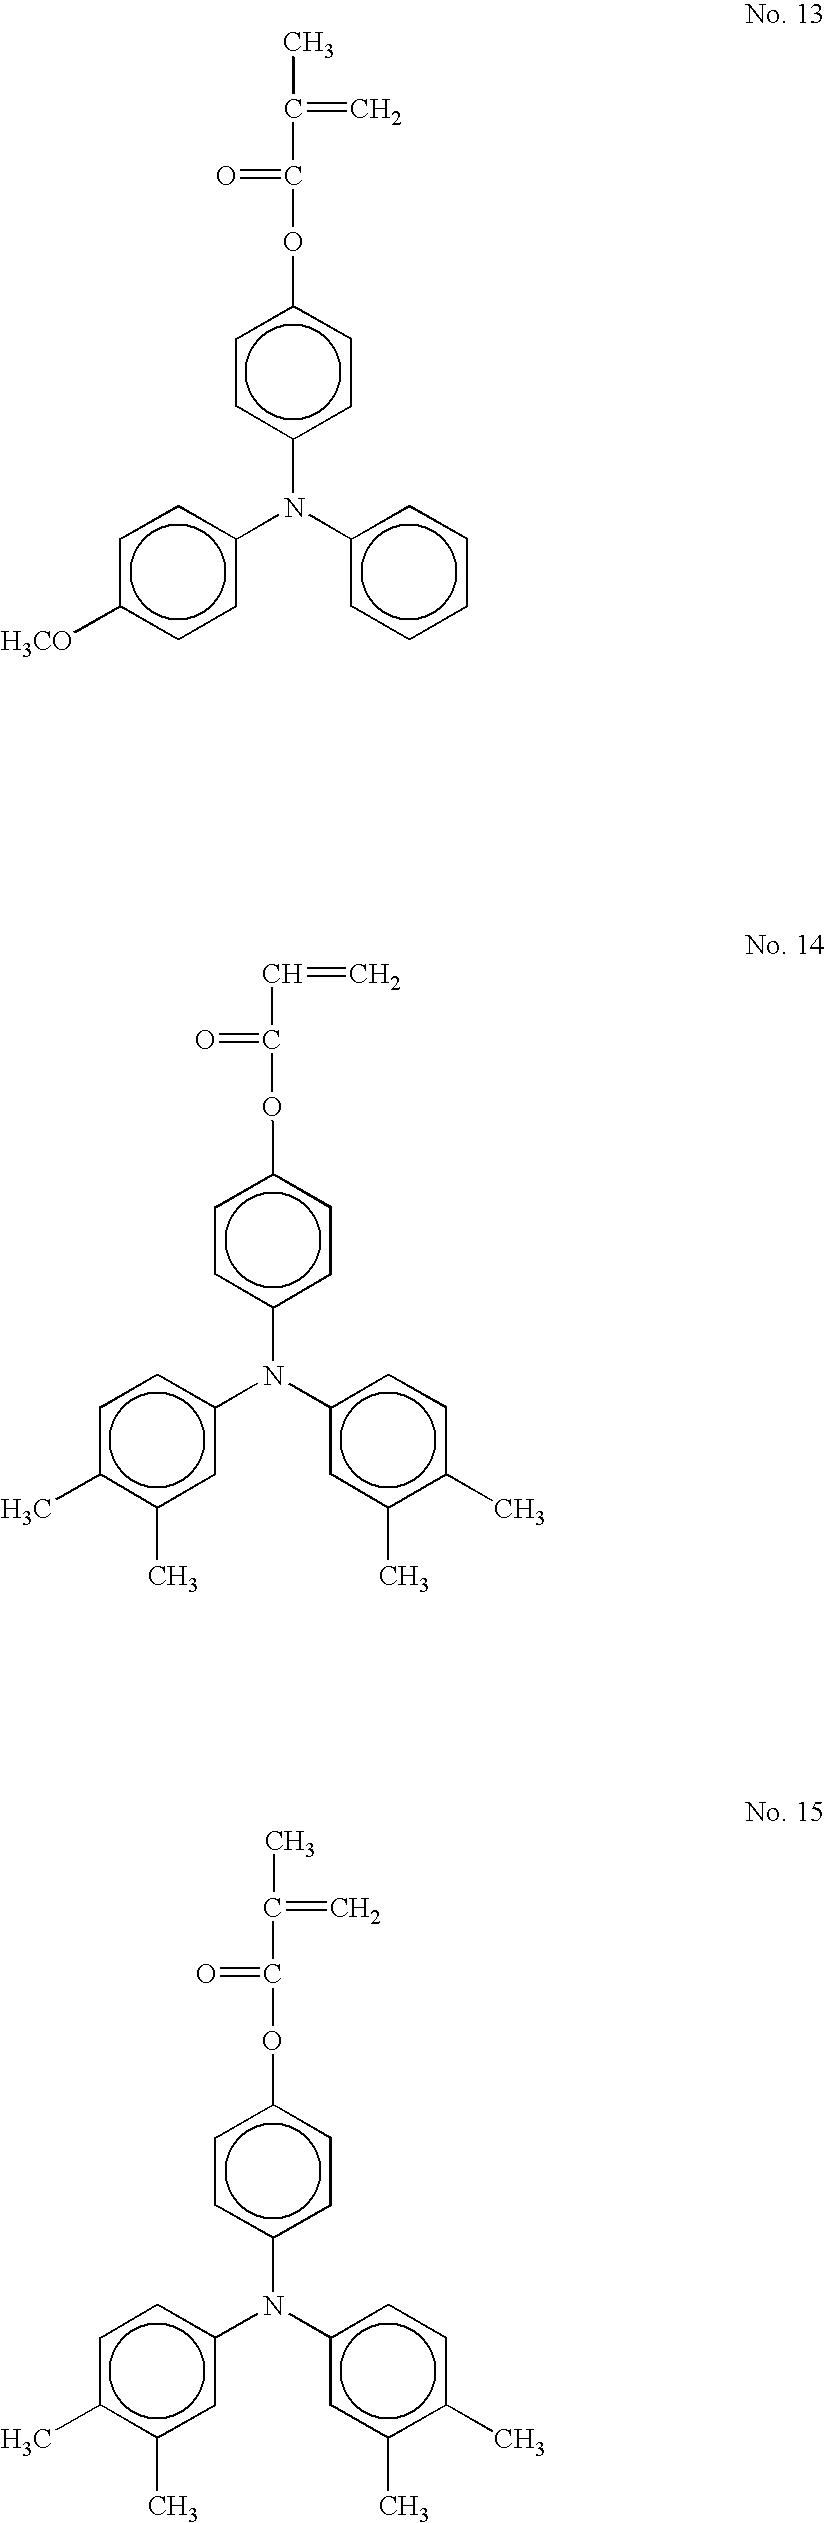 Figure US20040253527A1-20041216-C00016